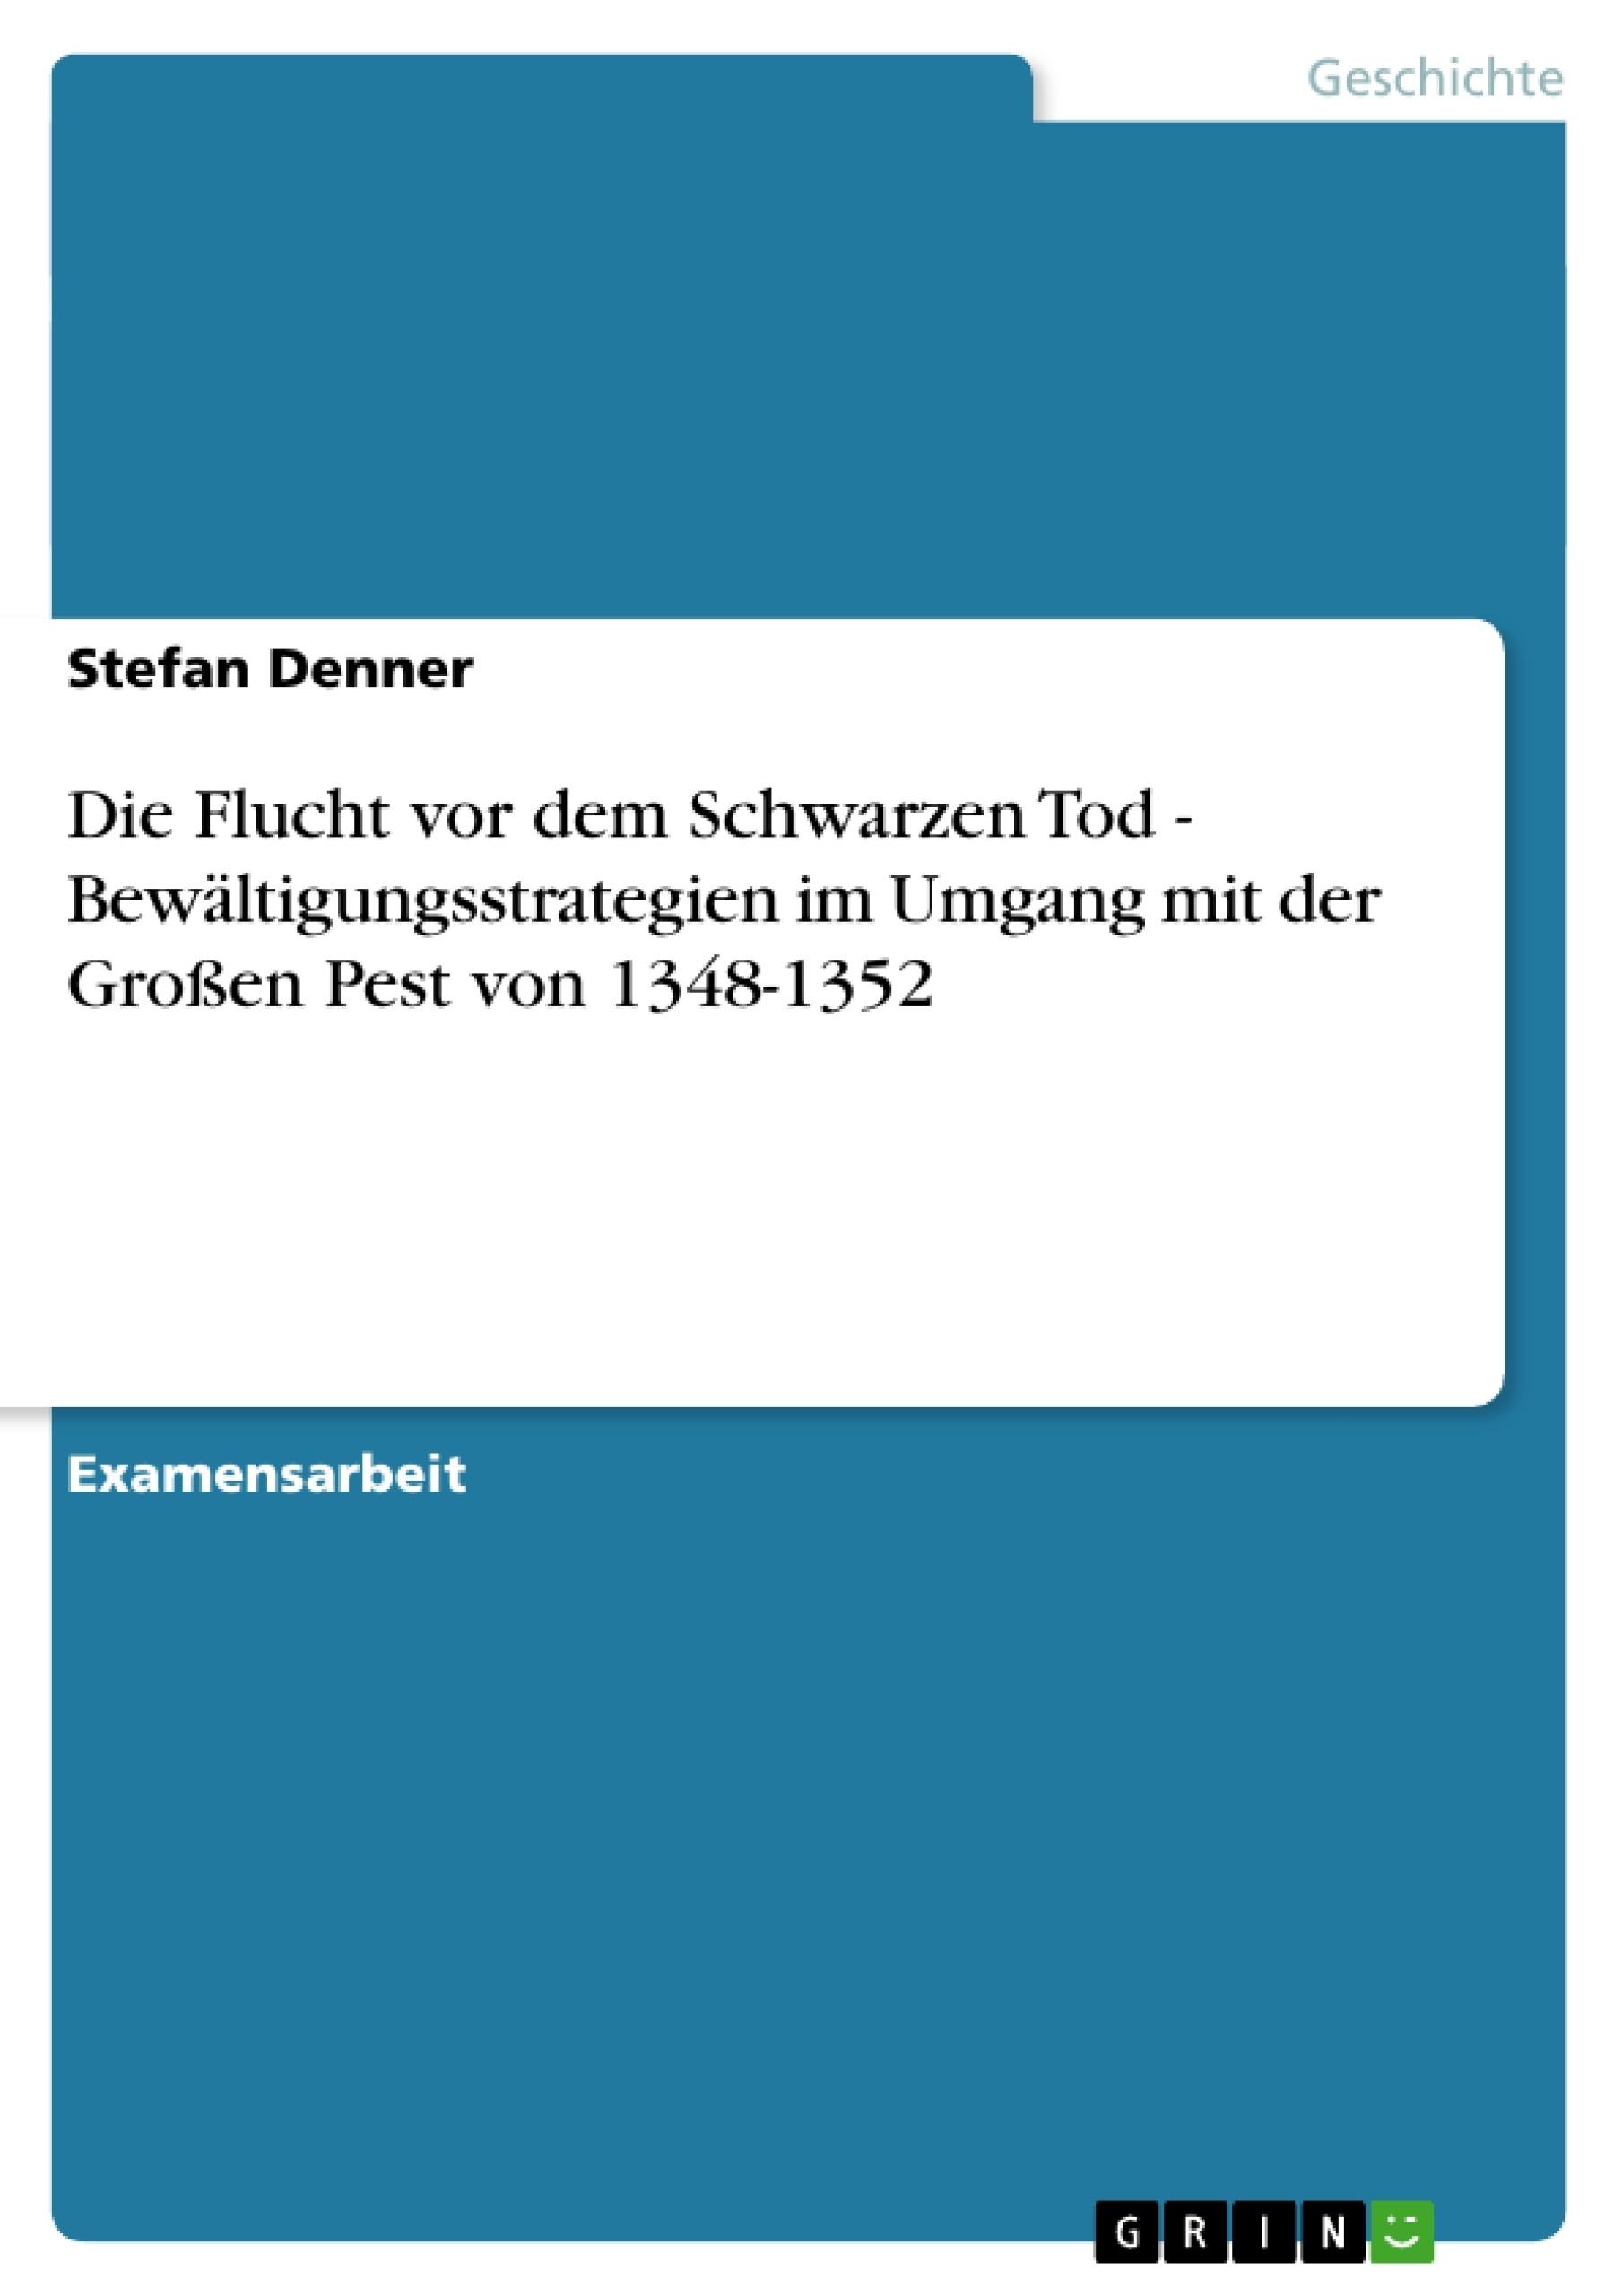 Titel: Die Flucht vor dem Schwarzen Tod - Bewältigungsstrategien im Umgang mit der Großen Pest von 1348-1352